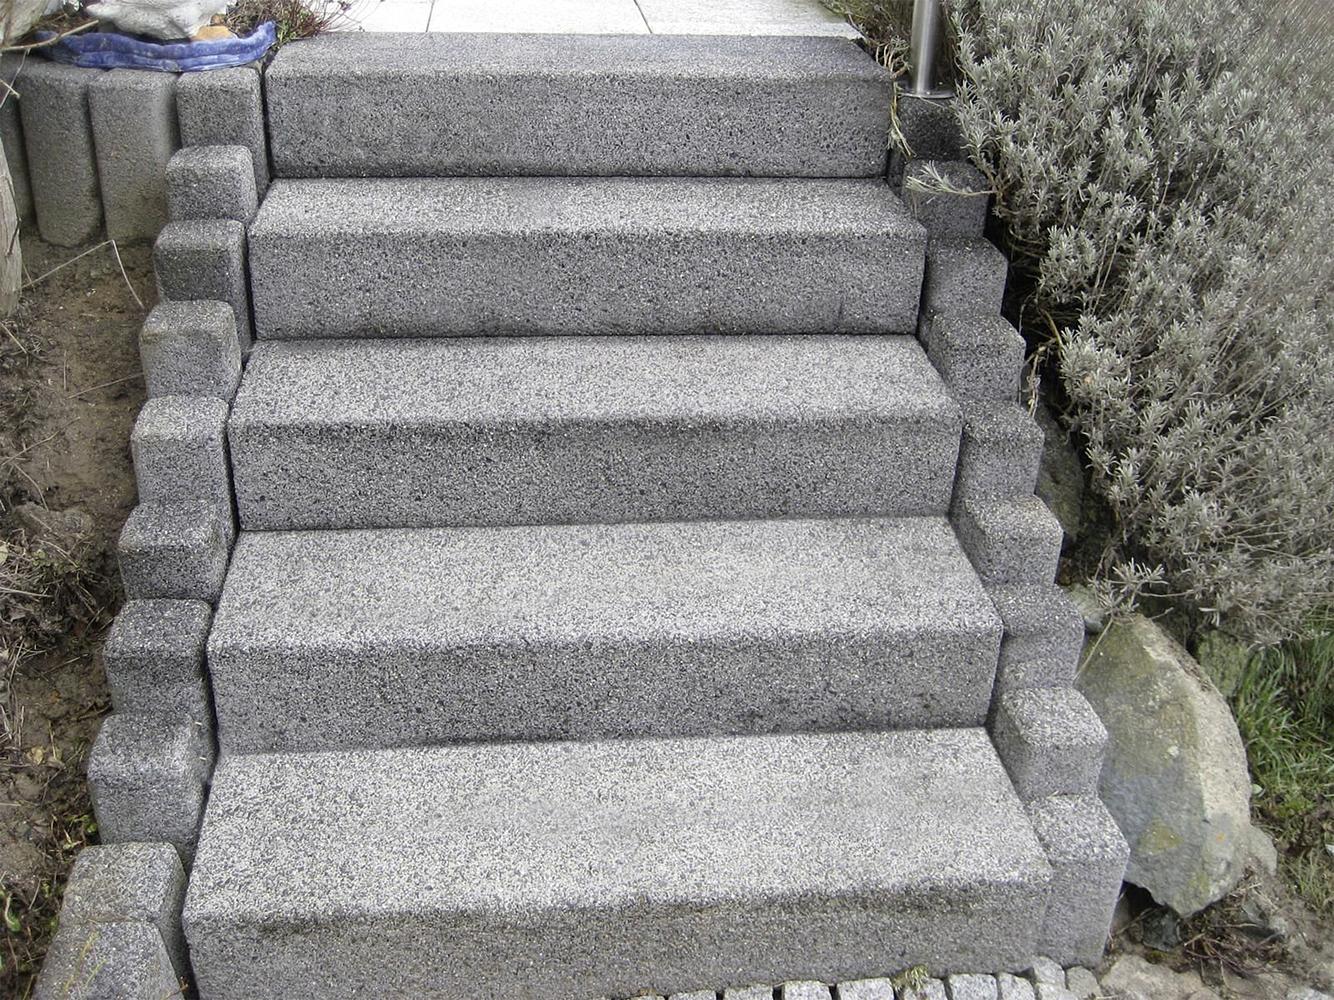 So sauber sehen die gereinigten älteren Treppenstufen aus.